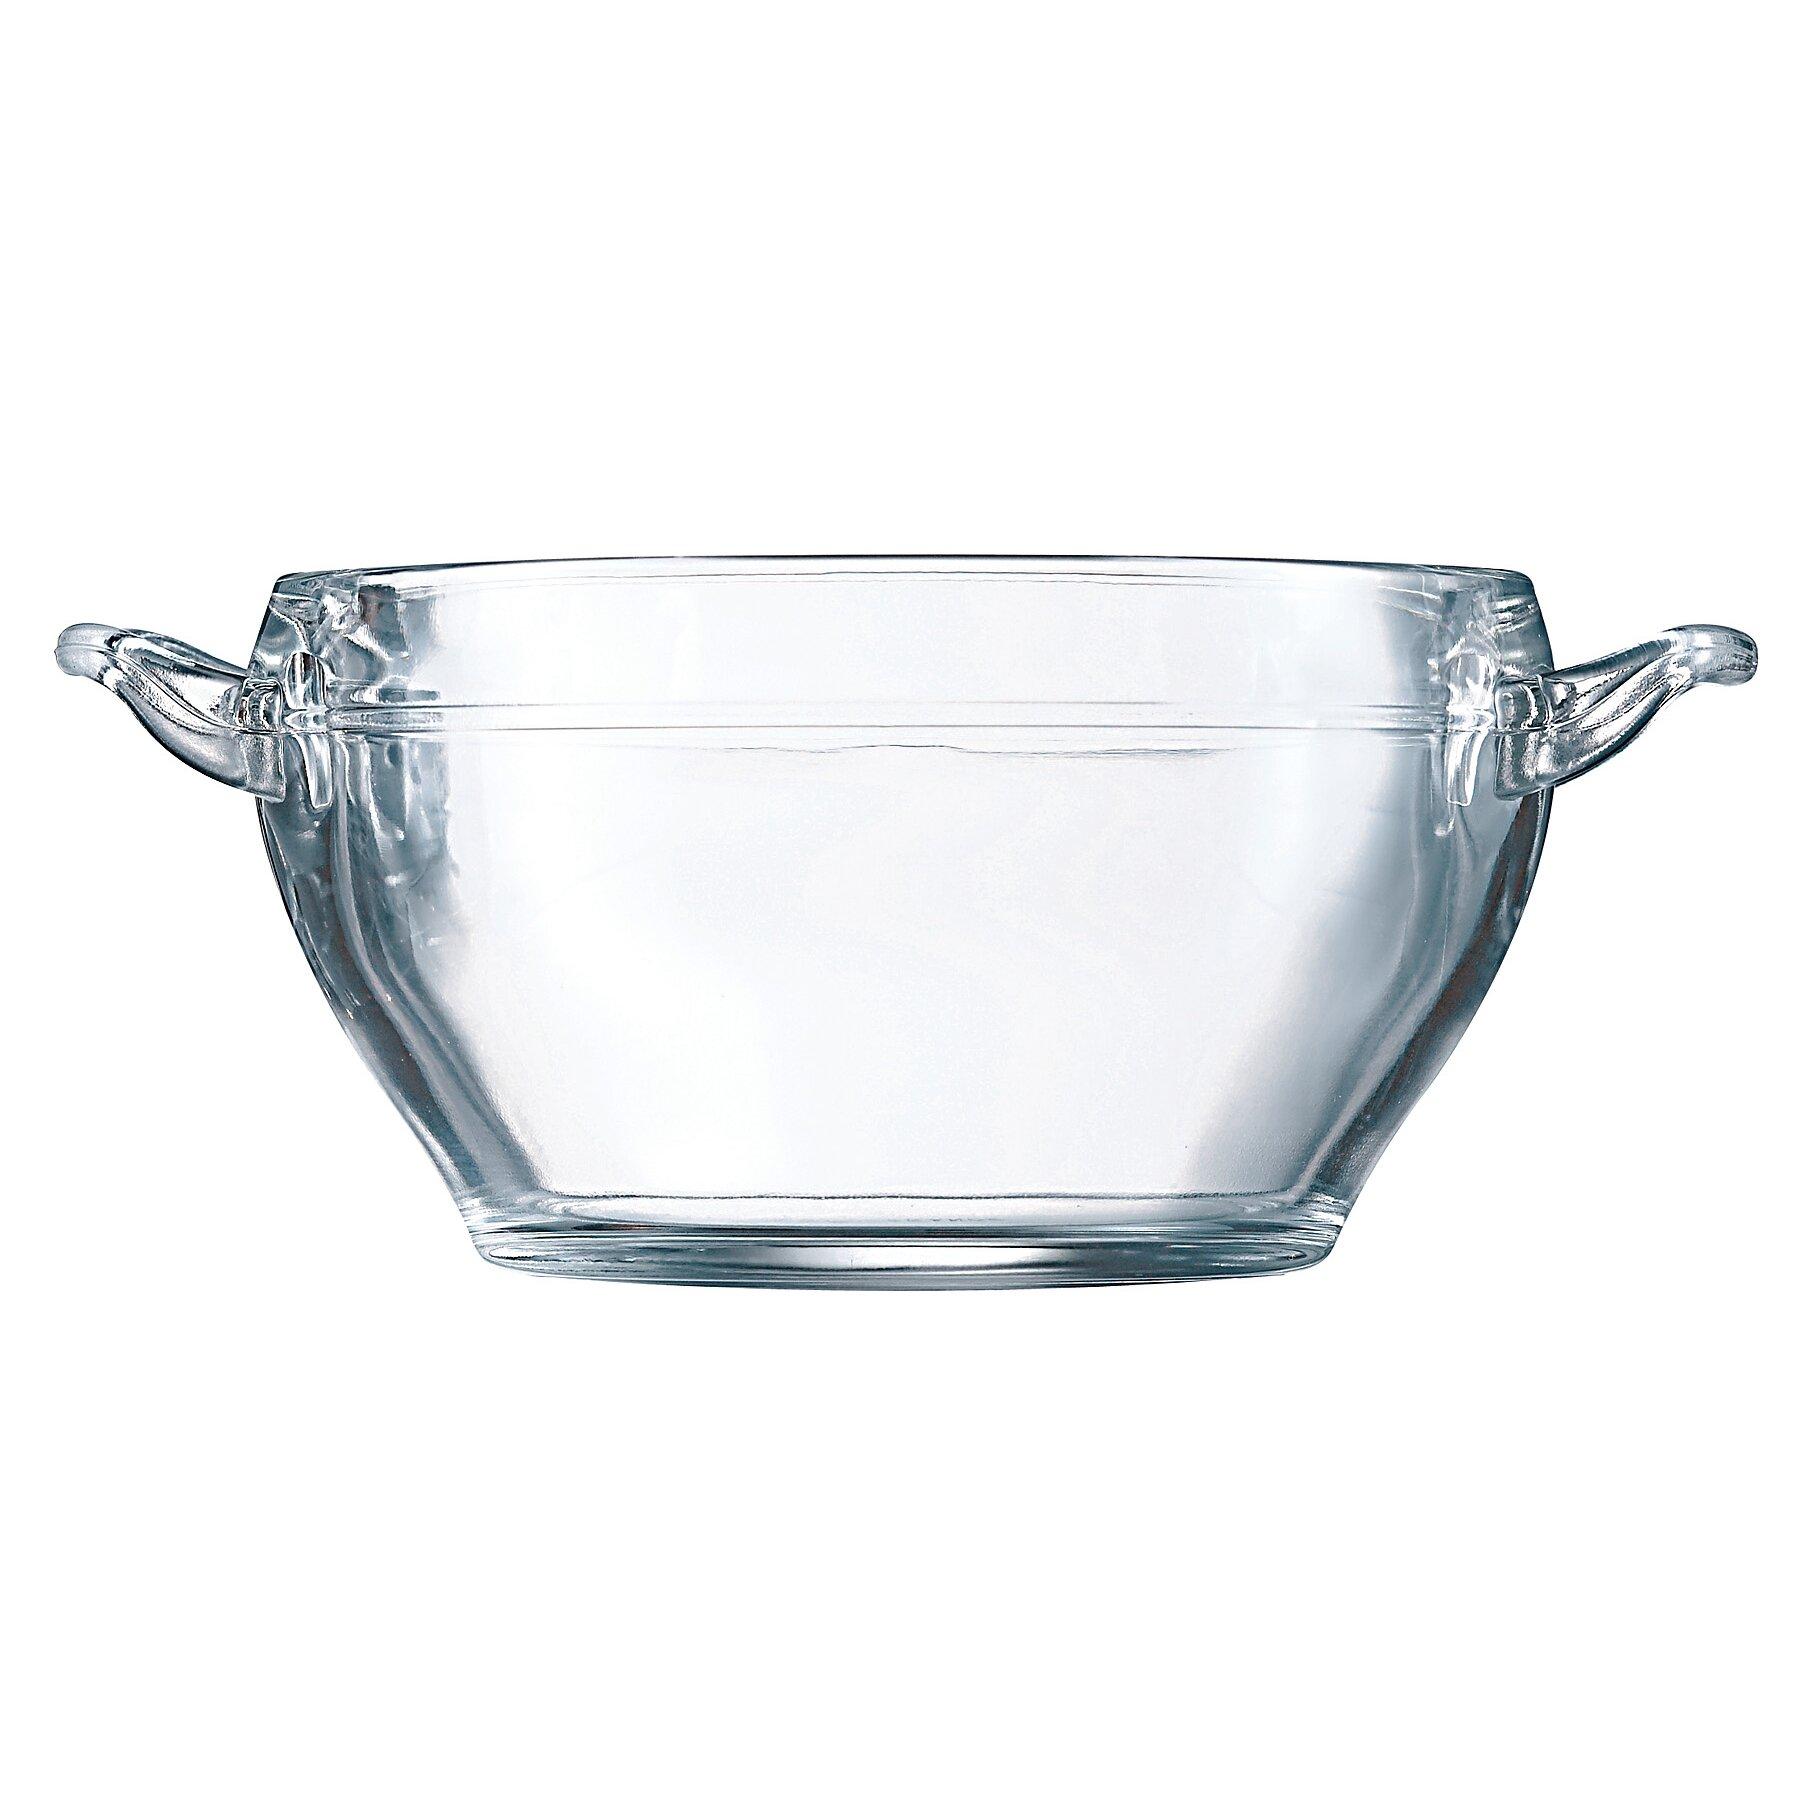 Luminarc 17.5 oz. Soup Bowl & Reviews | Wayfair